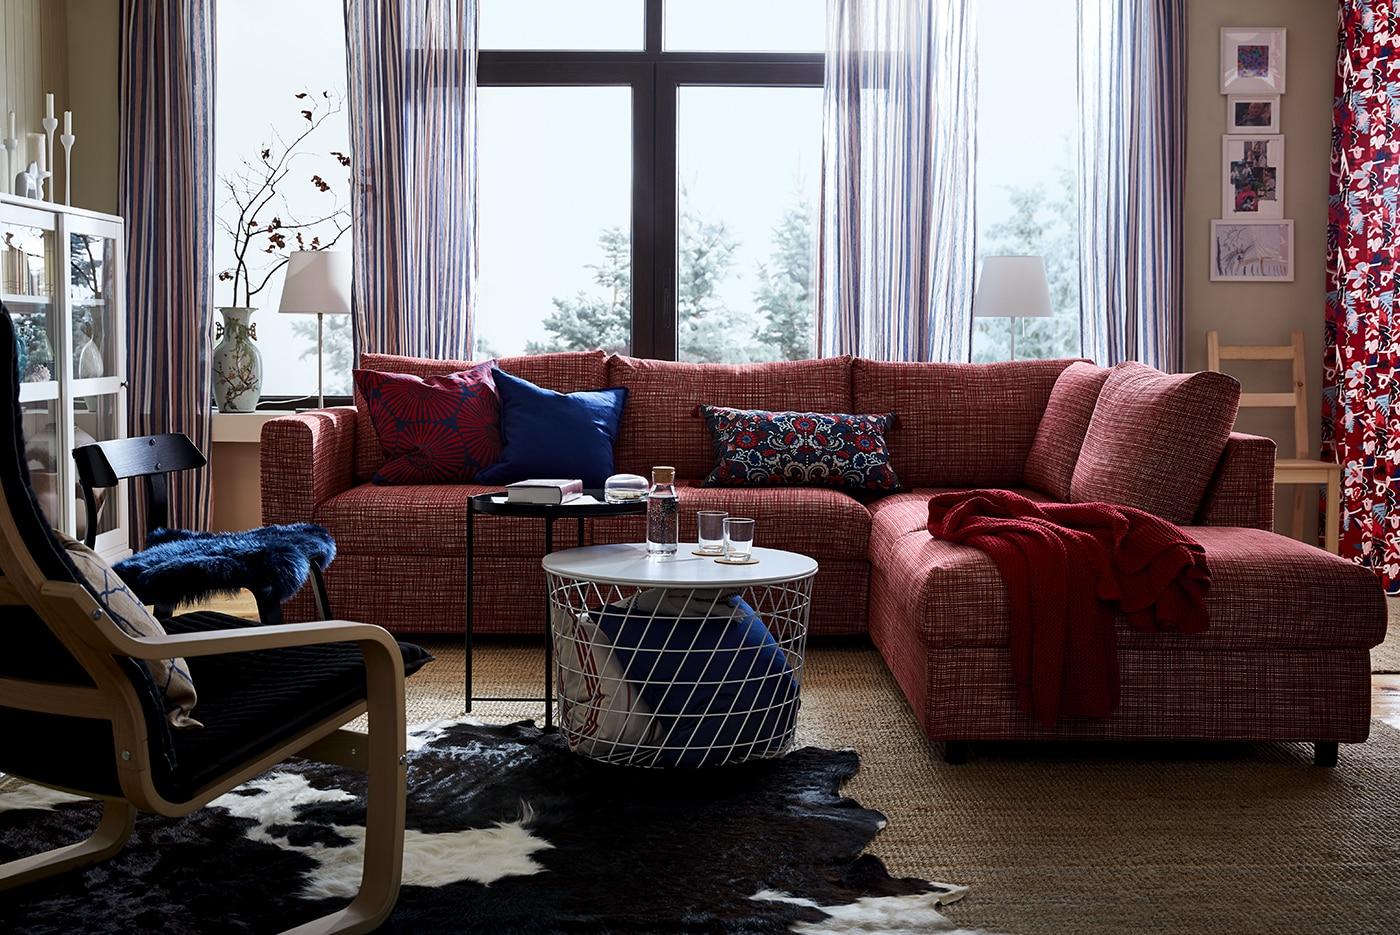 Wohnzimmer & Wohnbereich: Ideen & Inspirationen - IKEA Deutschland